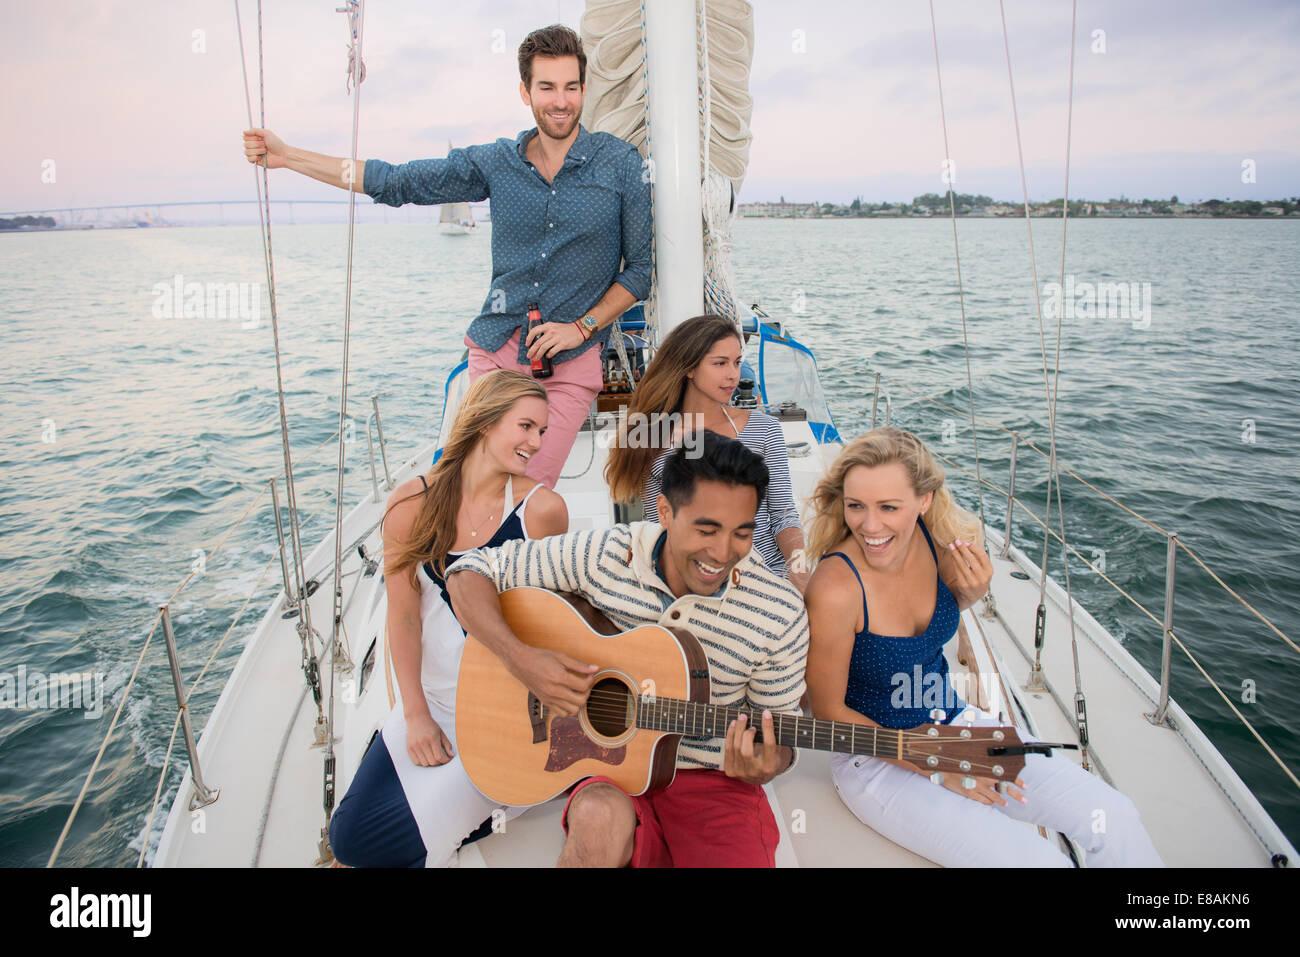 Amis de bateau à voile, man playing guitar Photo Stock